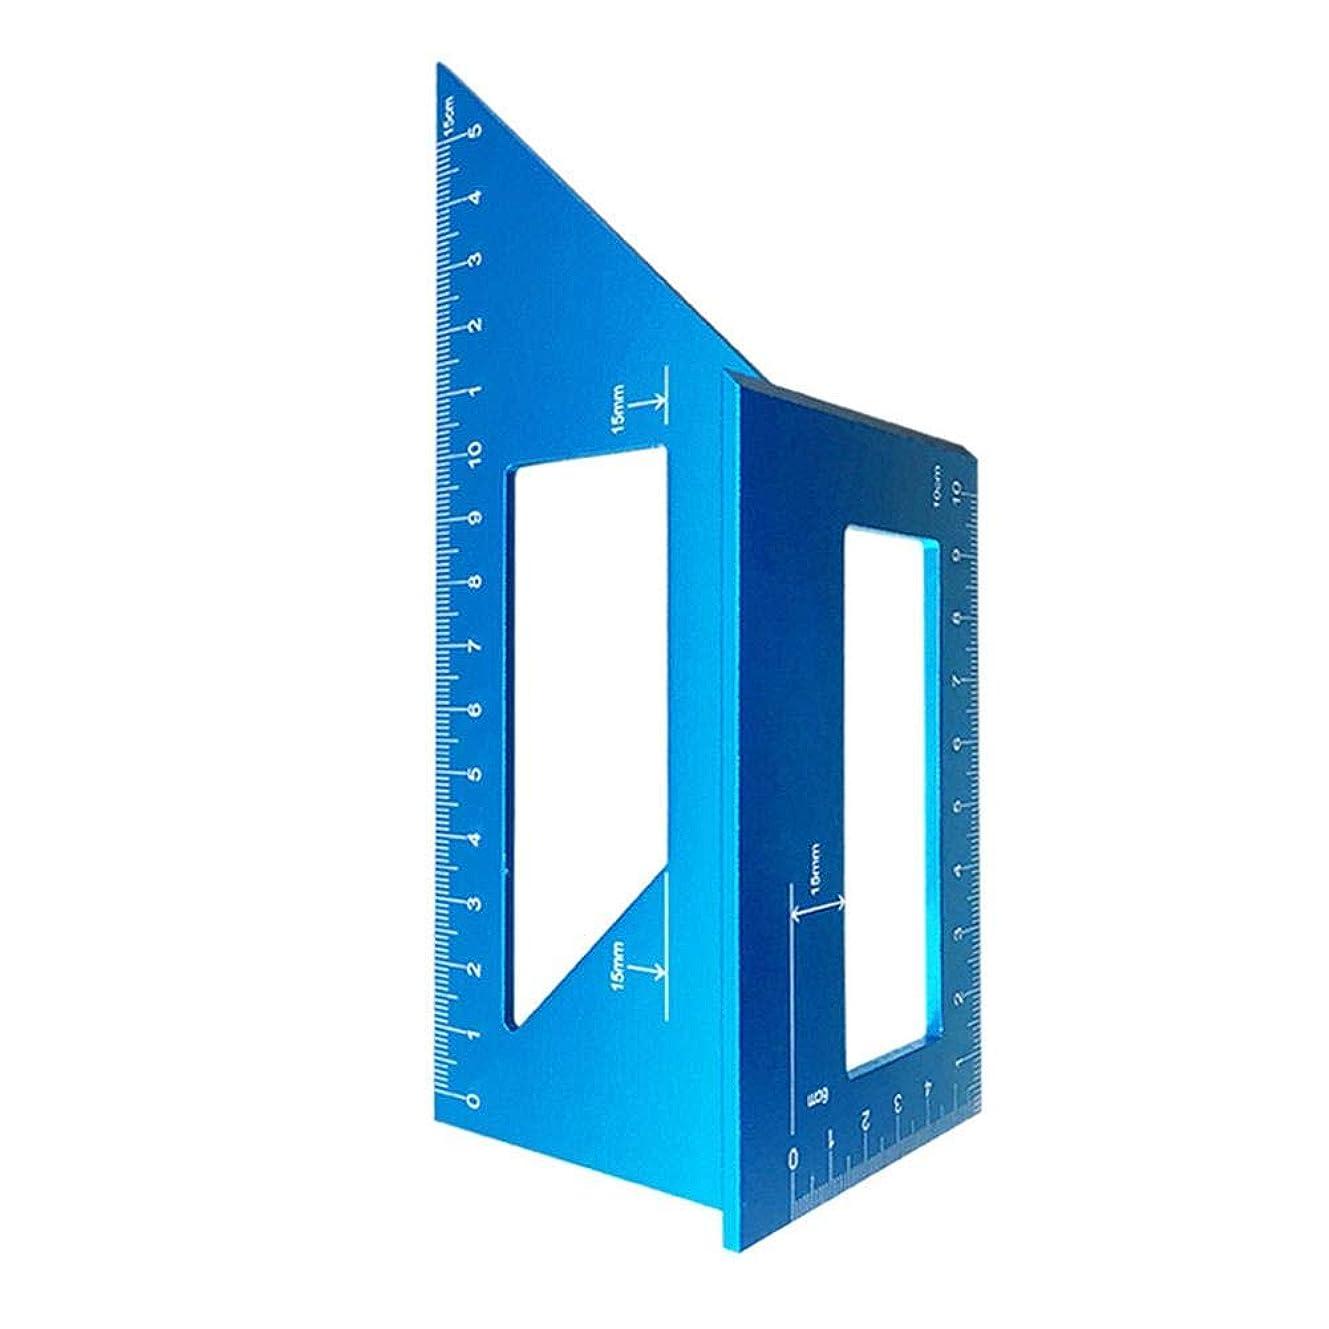 安心させる気まぐれなビームMacrorunjp L形直角定規 ケガキ工具 定規 曲尺 定規 木工工具 アルミ合金 DIY工具 ブルー